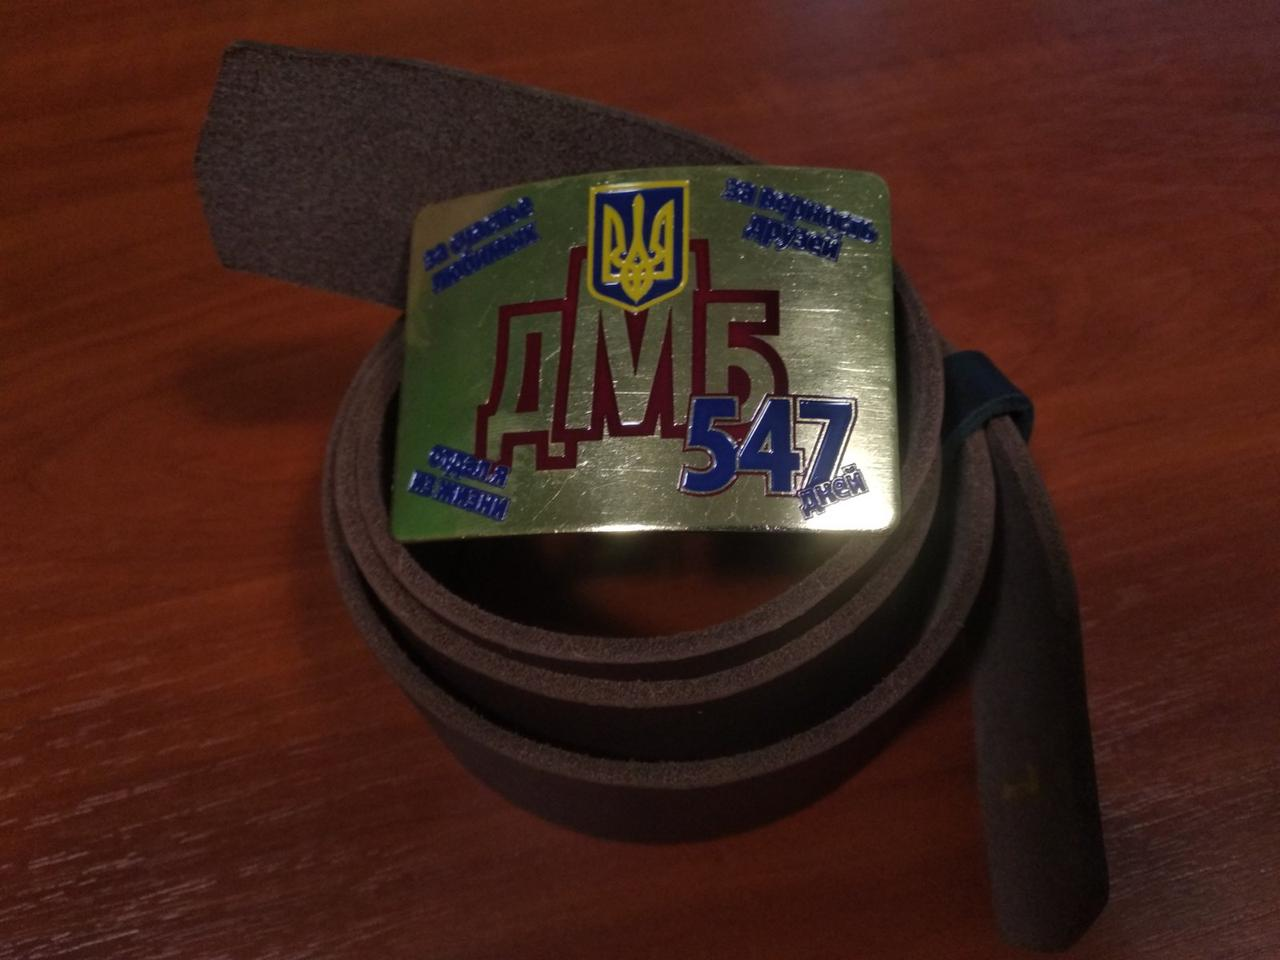 Ремень кожаный с пряжкой (бляха) латунной ДМБ з Тризубом кольорова